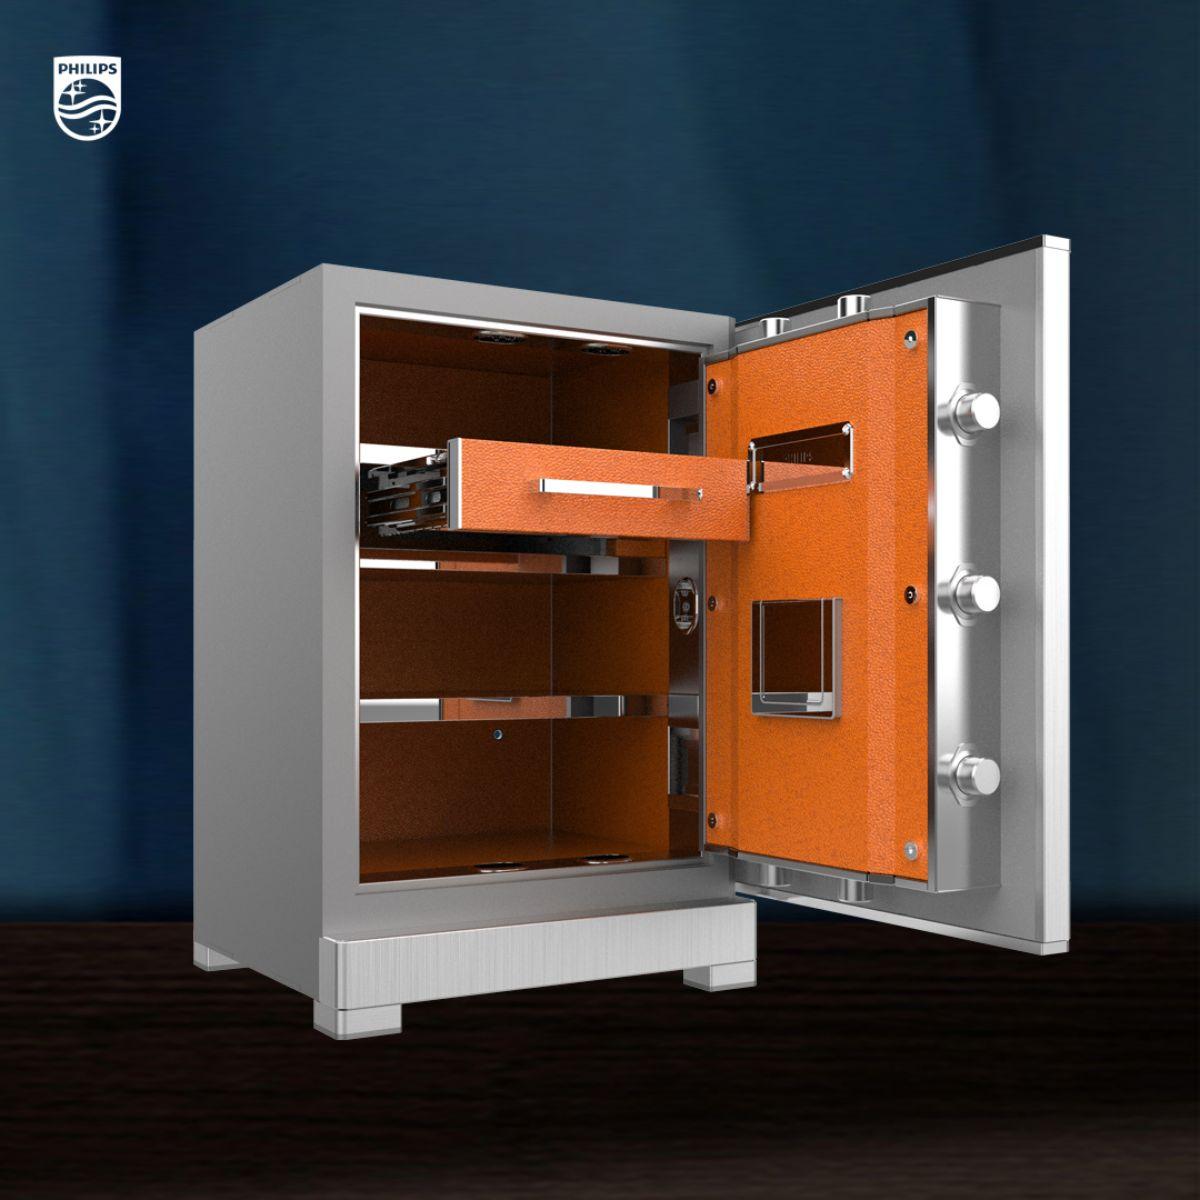 Philips SBX701